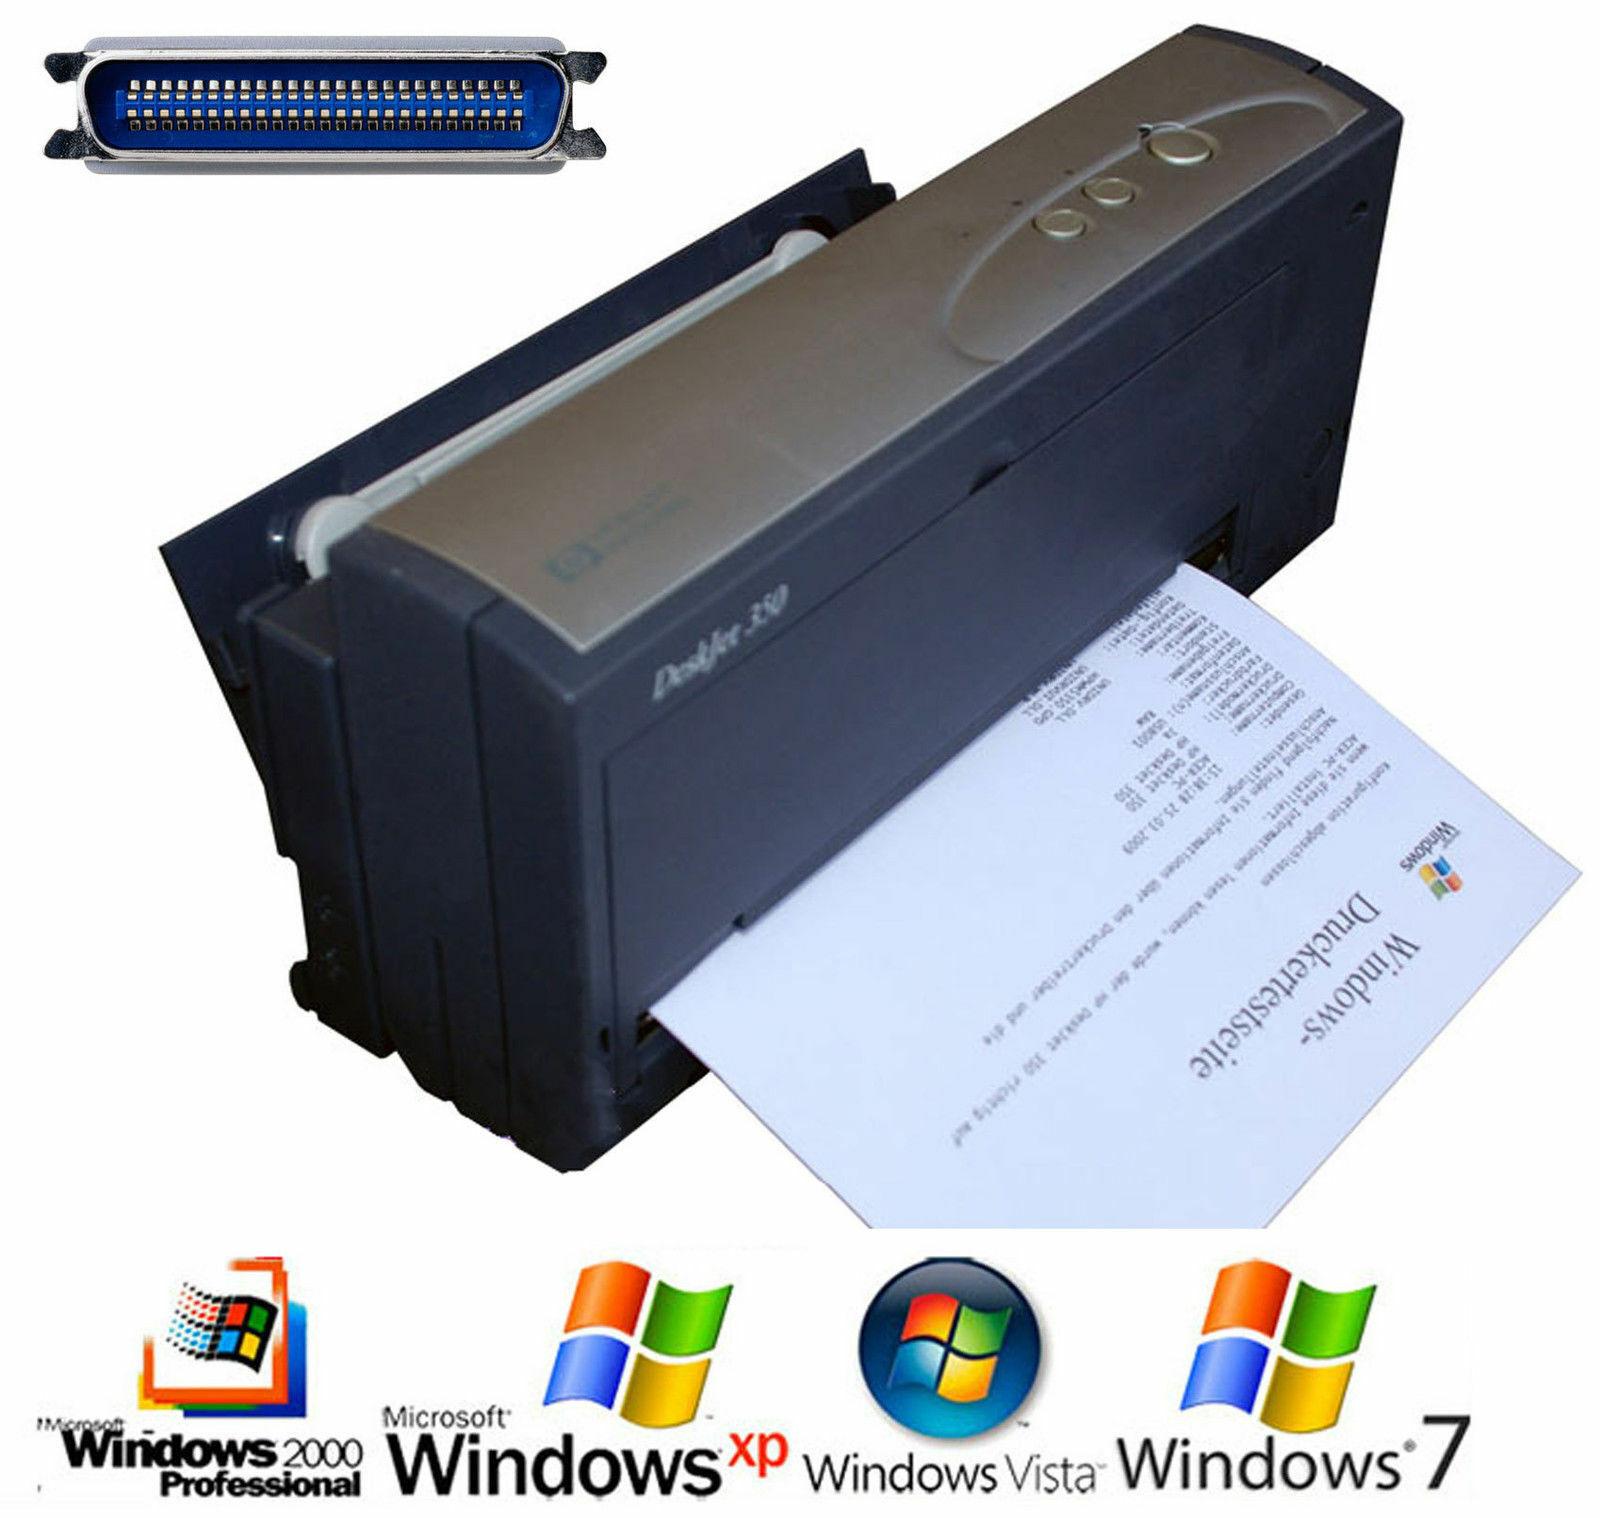 Petit portable mobile hp deskjet 350c d'imprimante dos windows 3.1 95 98 xp